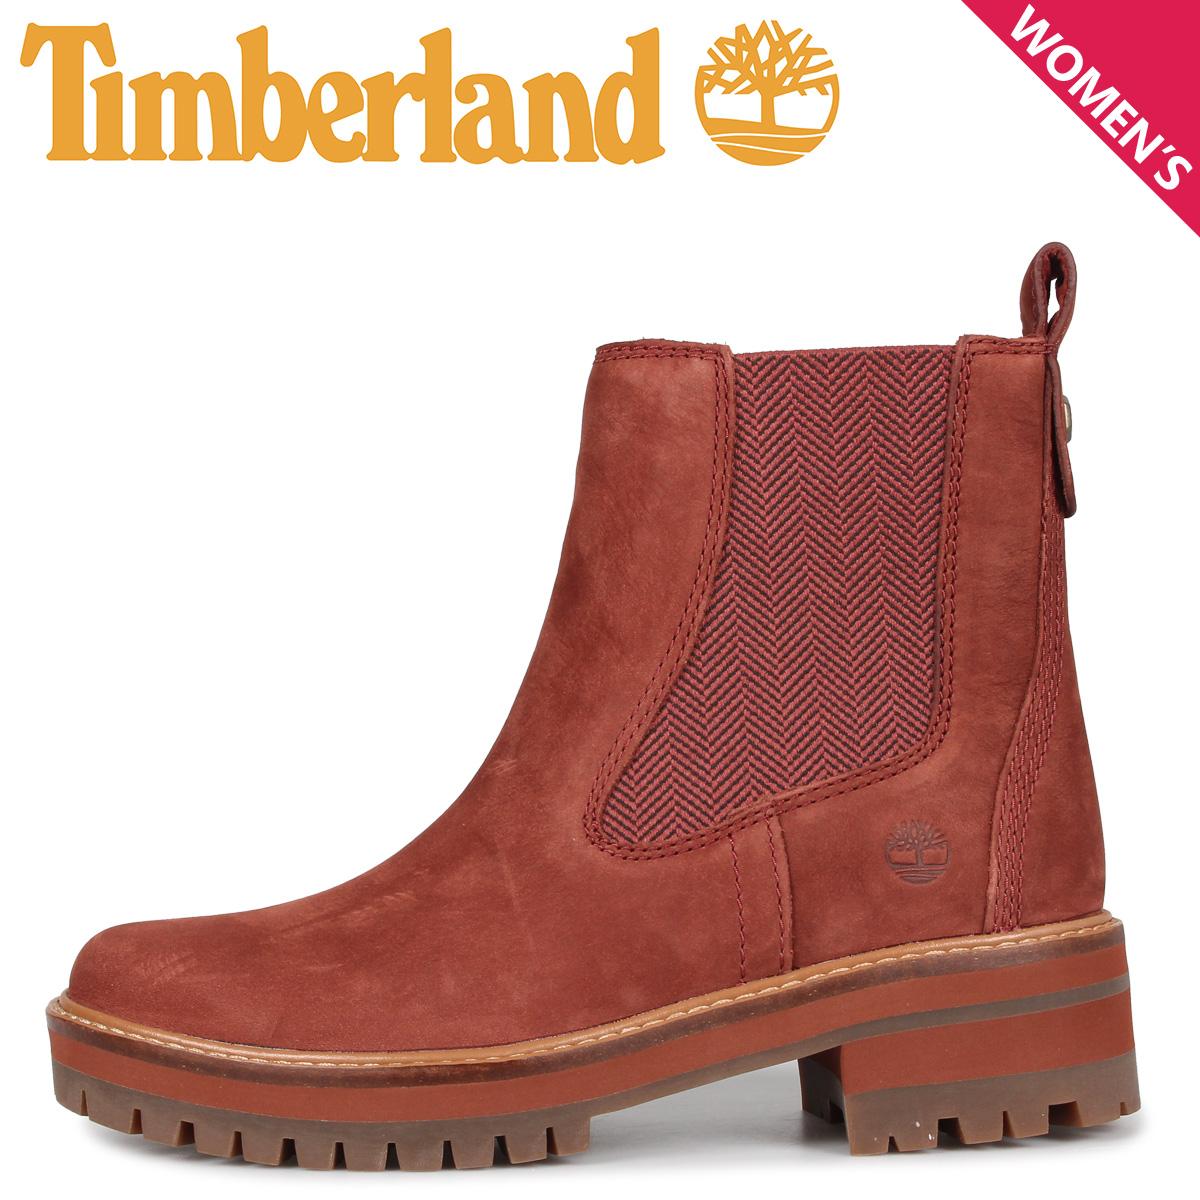 Timberland ティンバーランド ブーツ レディース チェルシー クールマイヨール バレー WOMENS COURMAYEUR VALLEY CHELSEA BOOTS ブラウン A23WJ